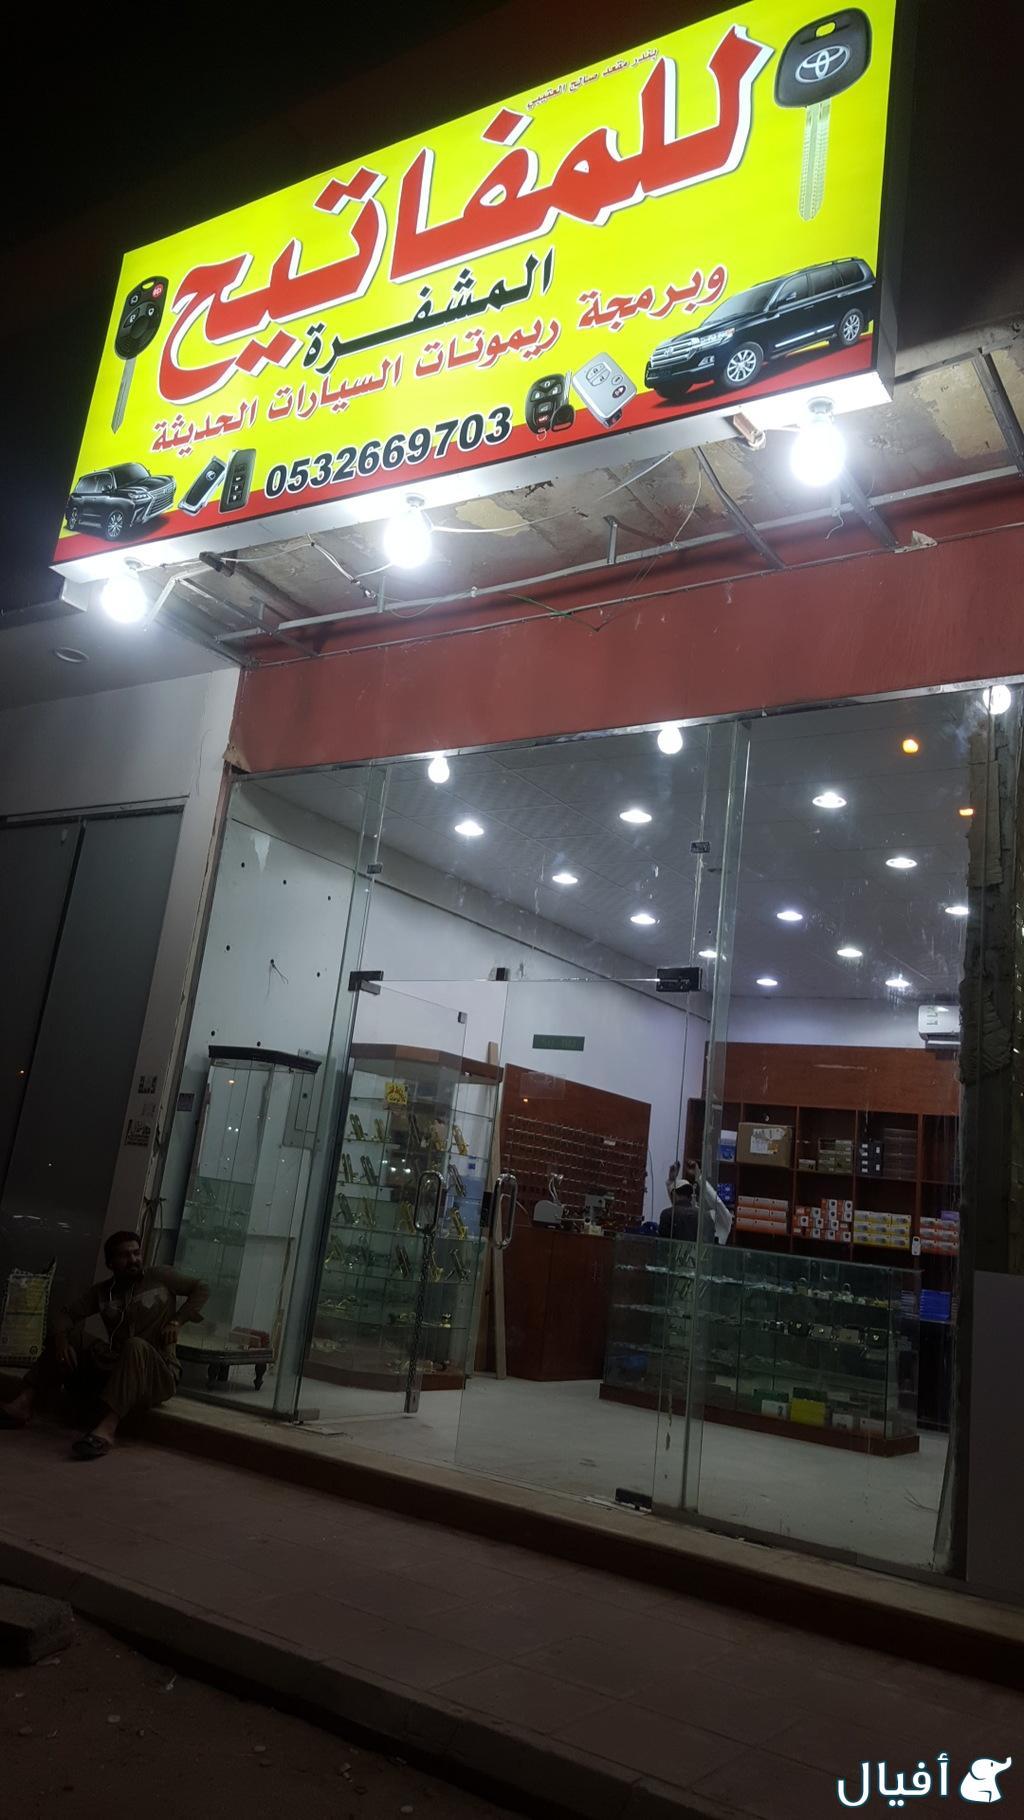 محل مفاتيح شمال الرياض حي النرجس والعارض